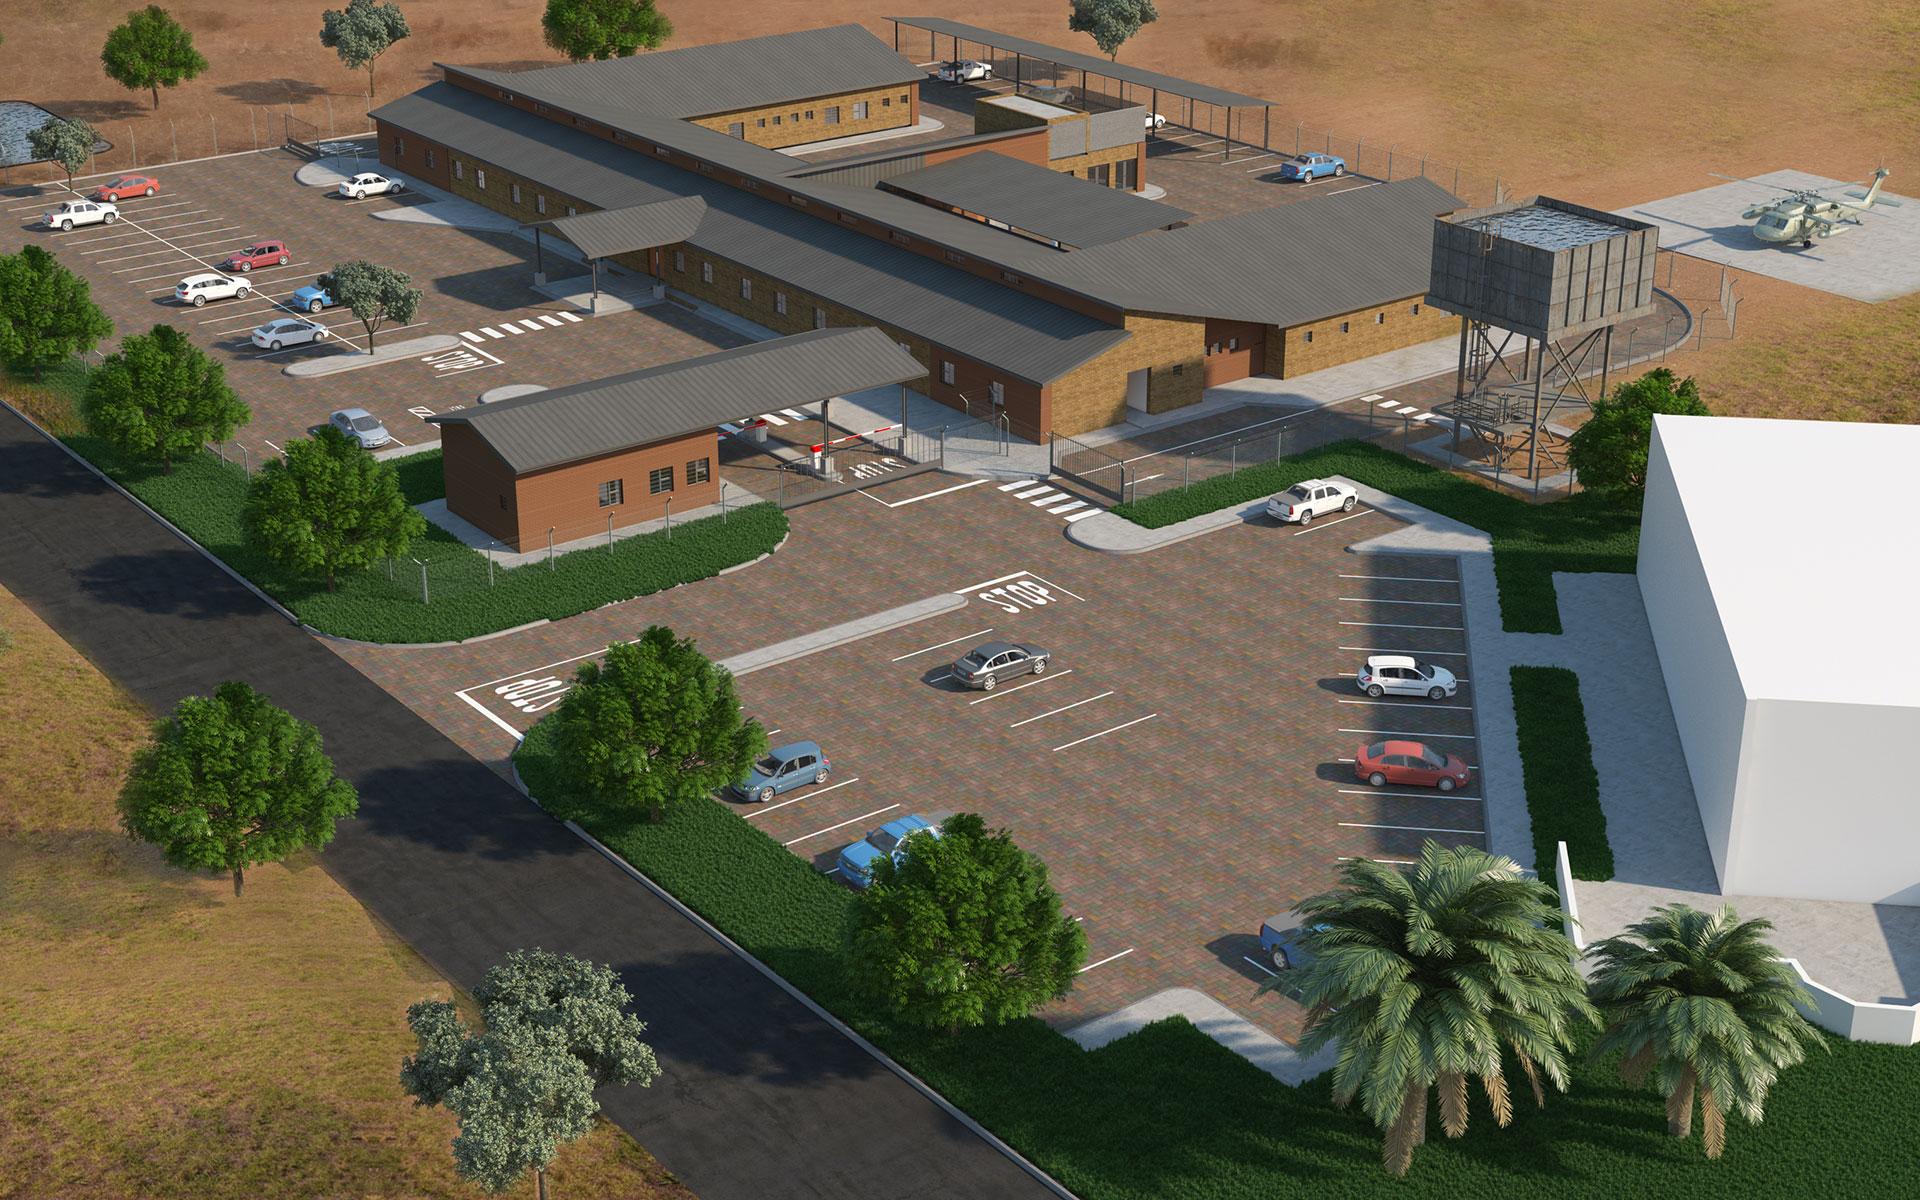 Saldanha Bay Facilities by Delta BEC